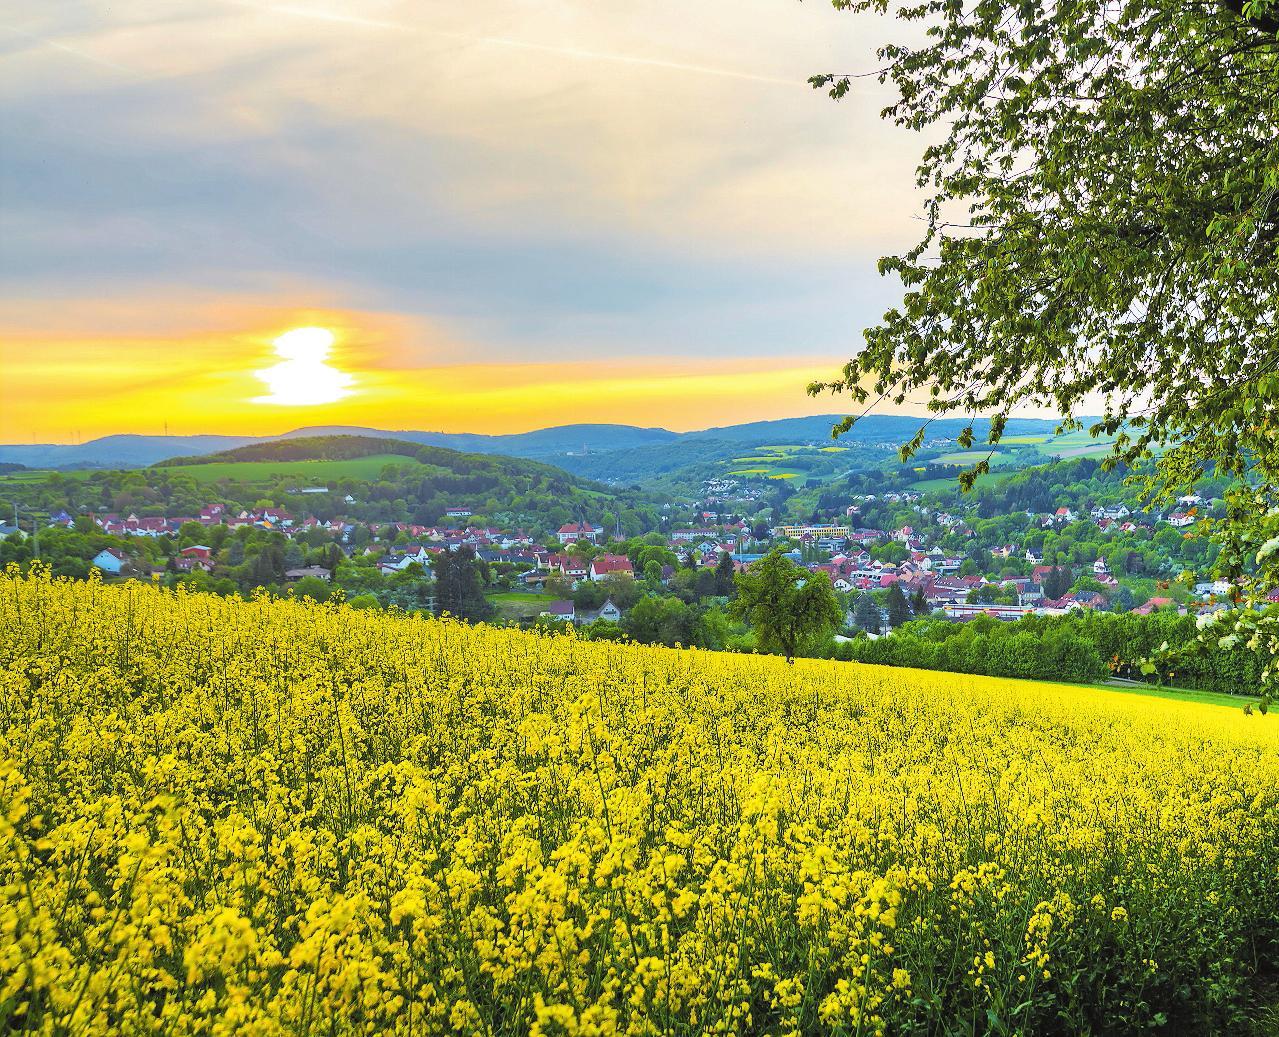 Bald erstrahlt die Westpfalz wieder in voller Blütenpracht – wie hier bei Kusel. FOTO: MICHAEL RÜBEL/ZRW